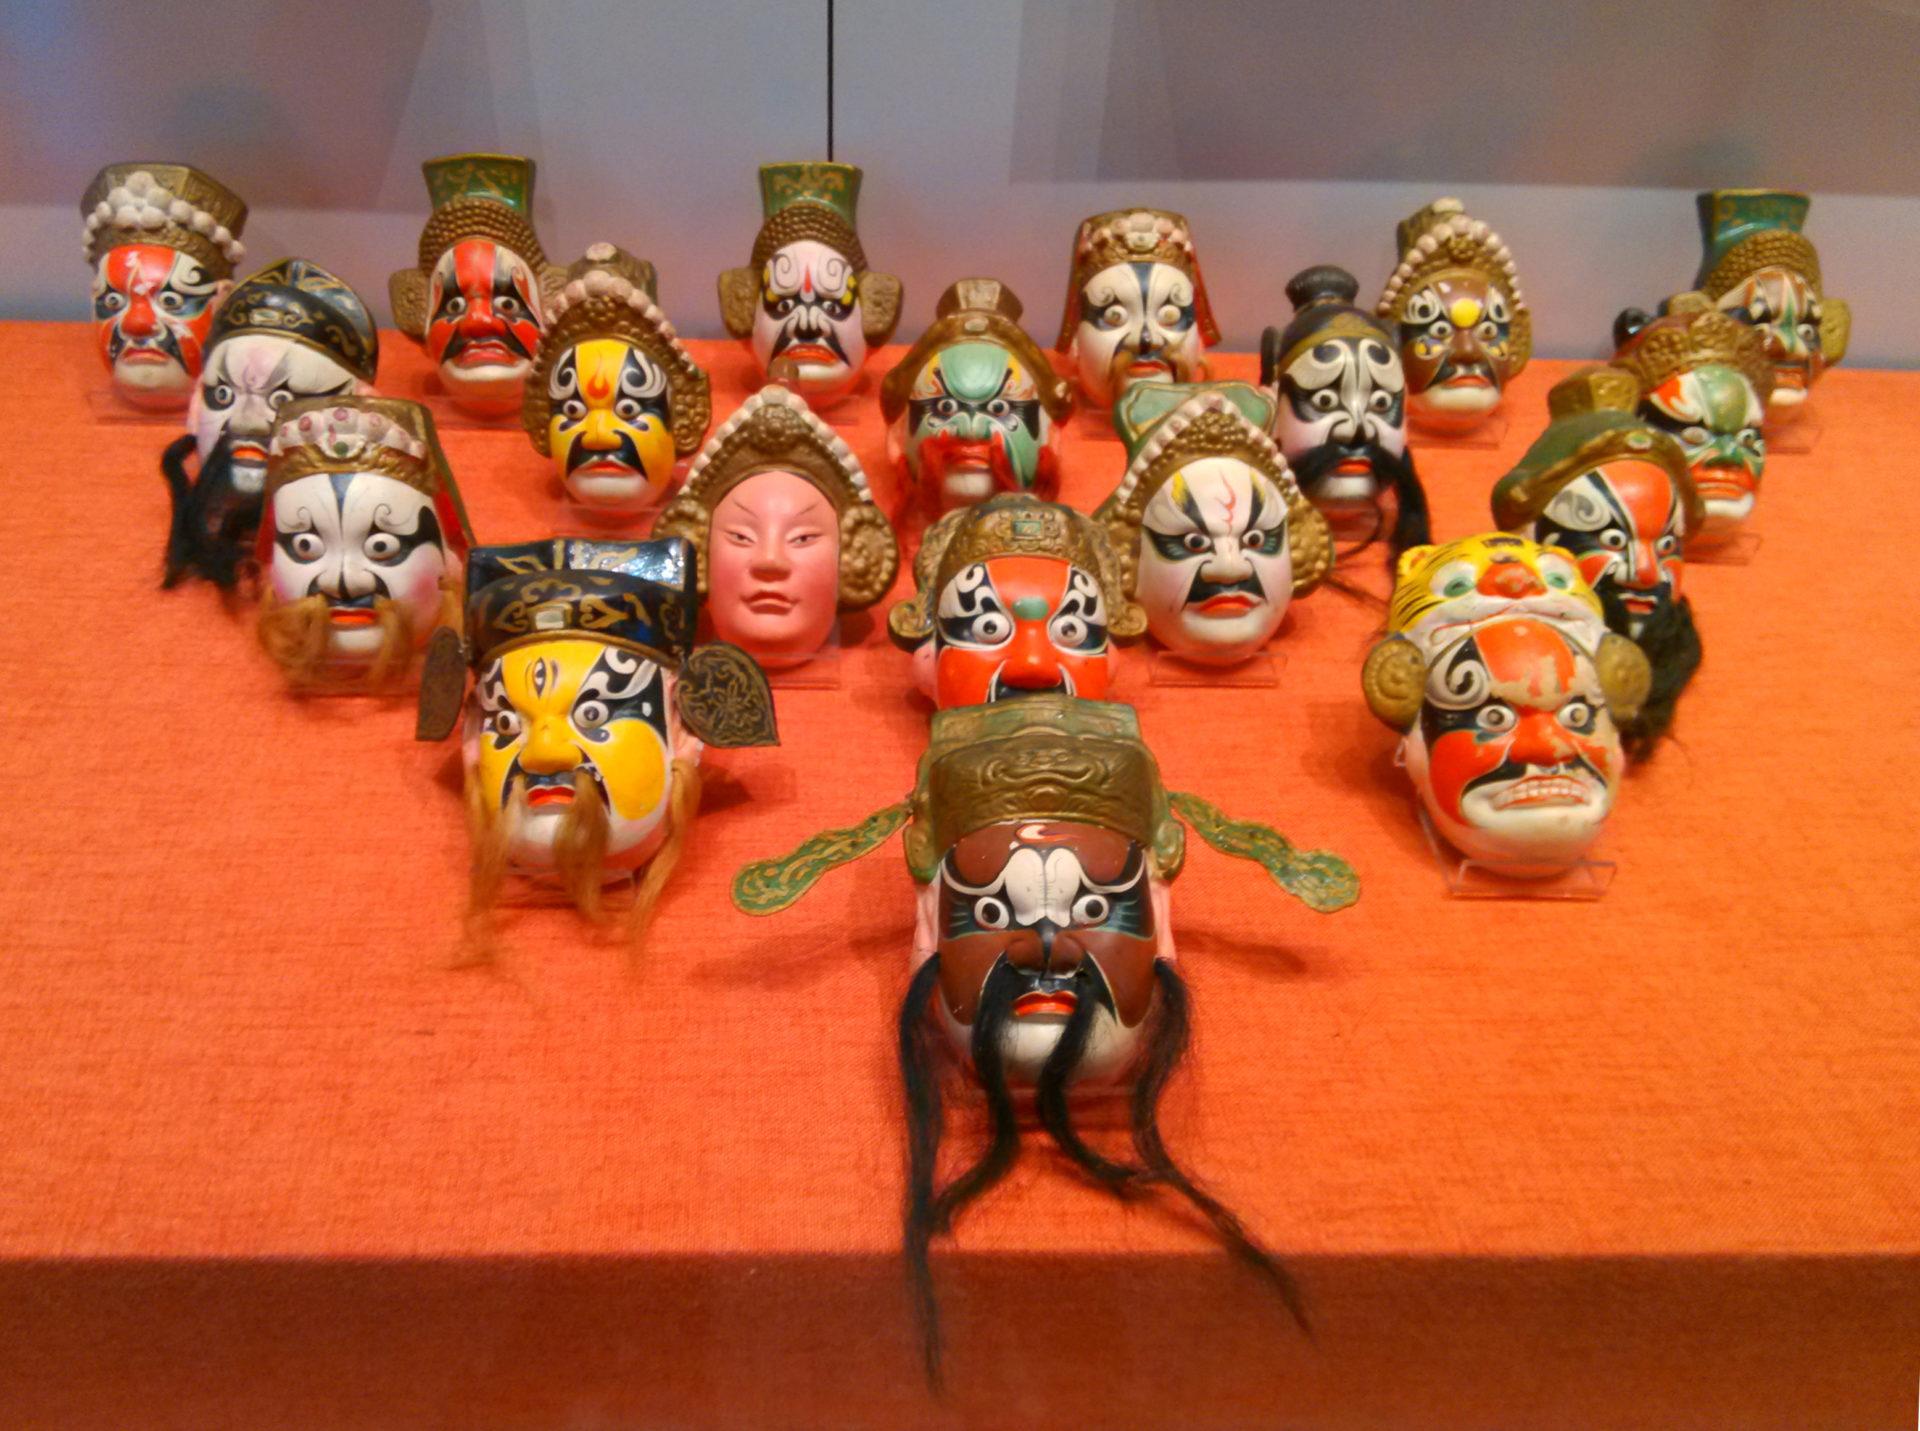 【亞太博物館連線專欄】時代回眸:從展覽管窺莆田木雕產業